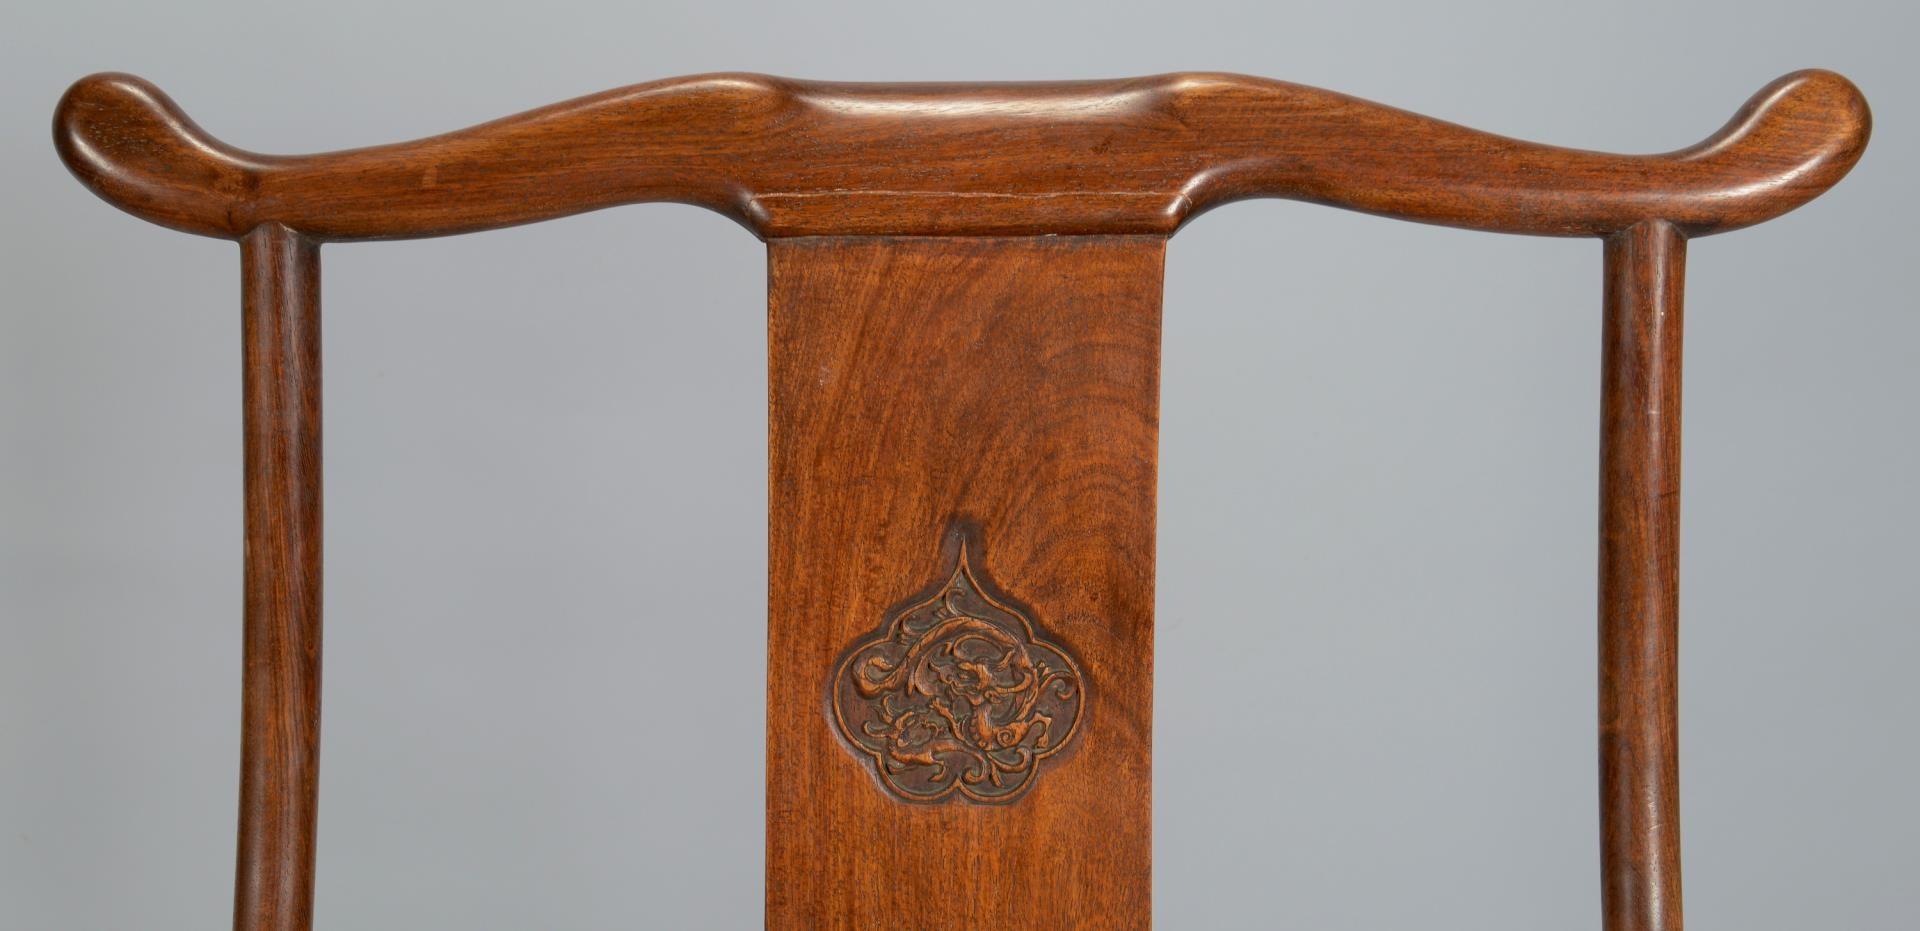 Lot 3594214: Pr. Chinese Yoke Back Chairs